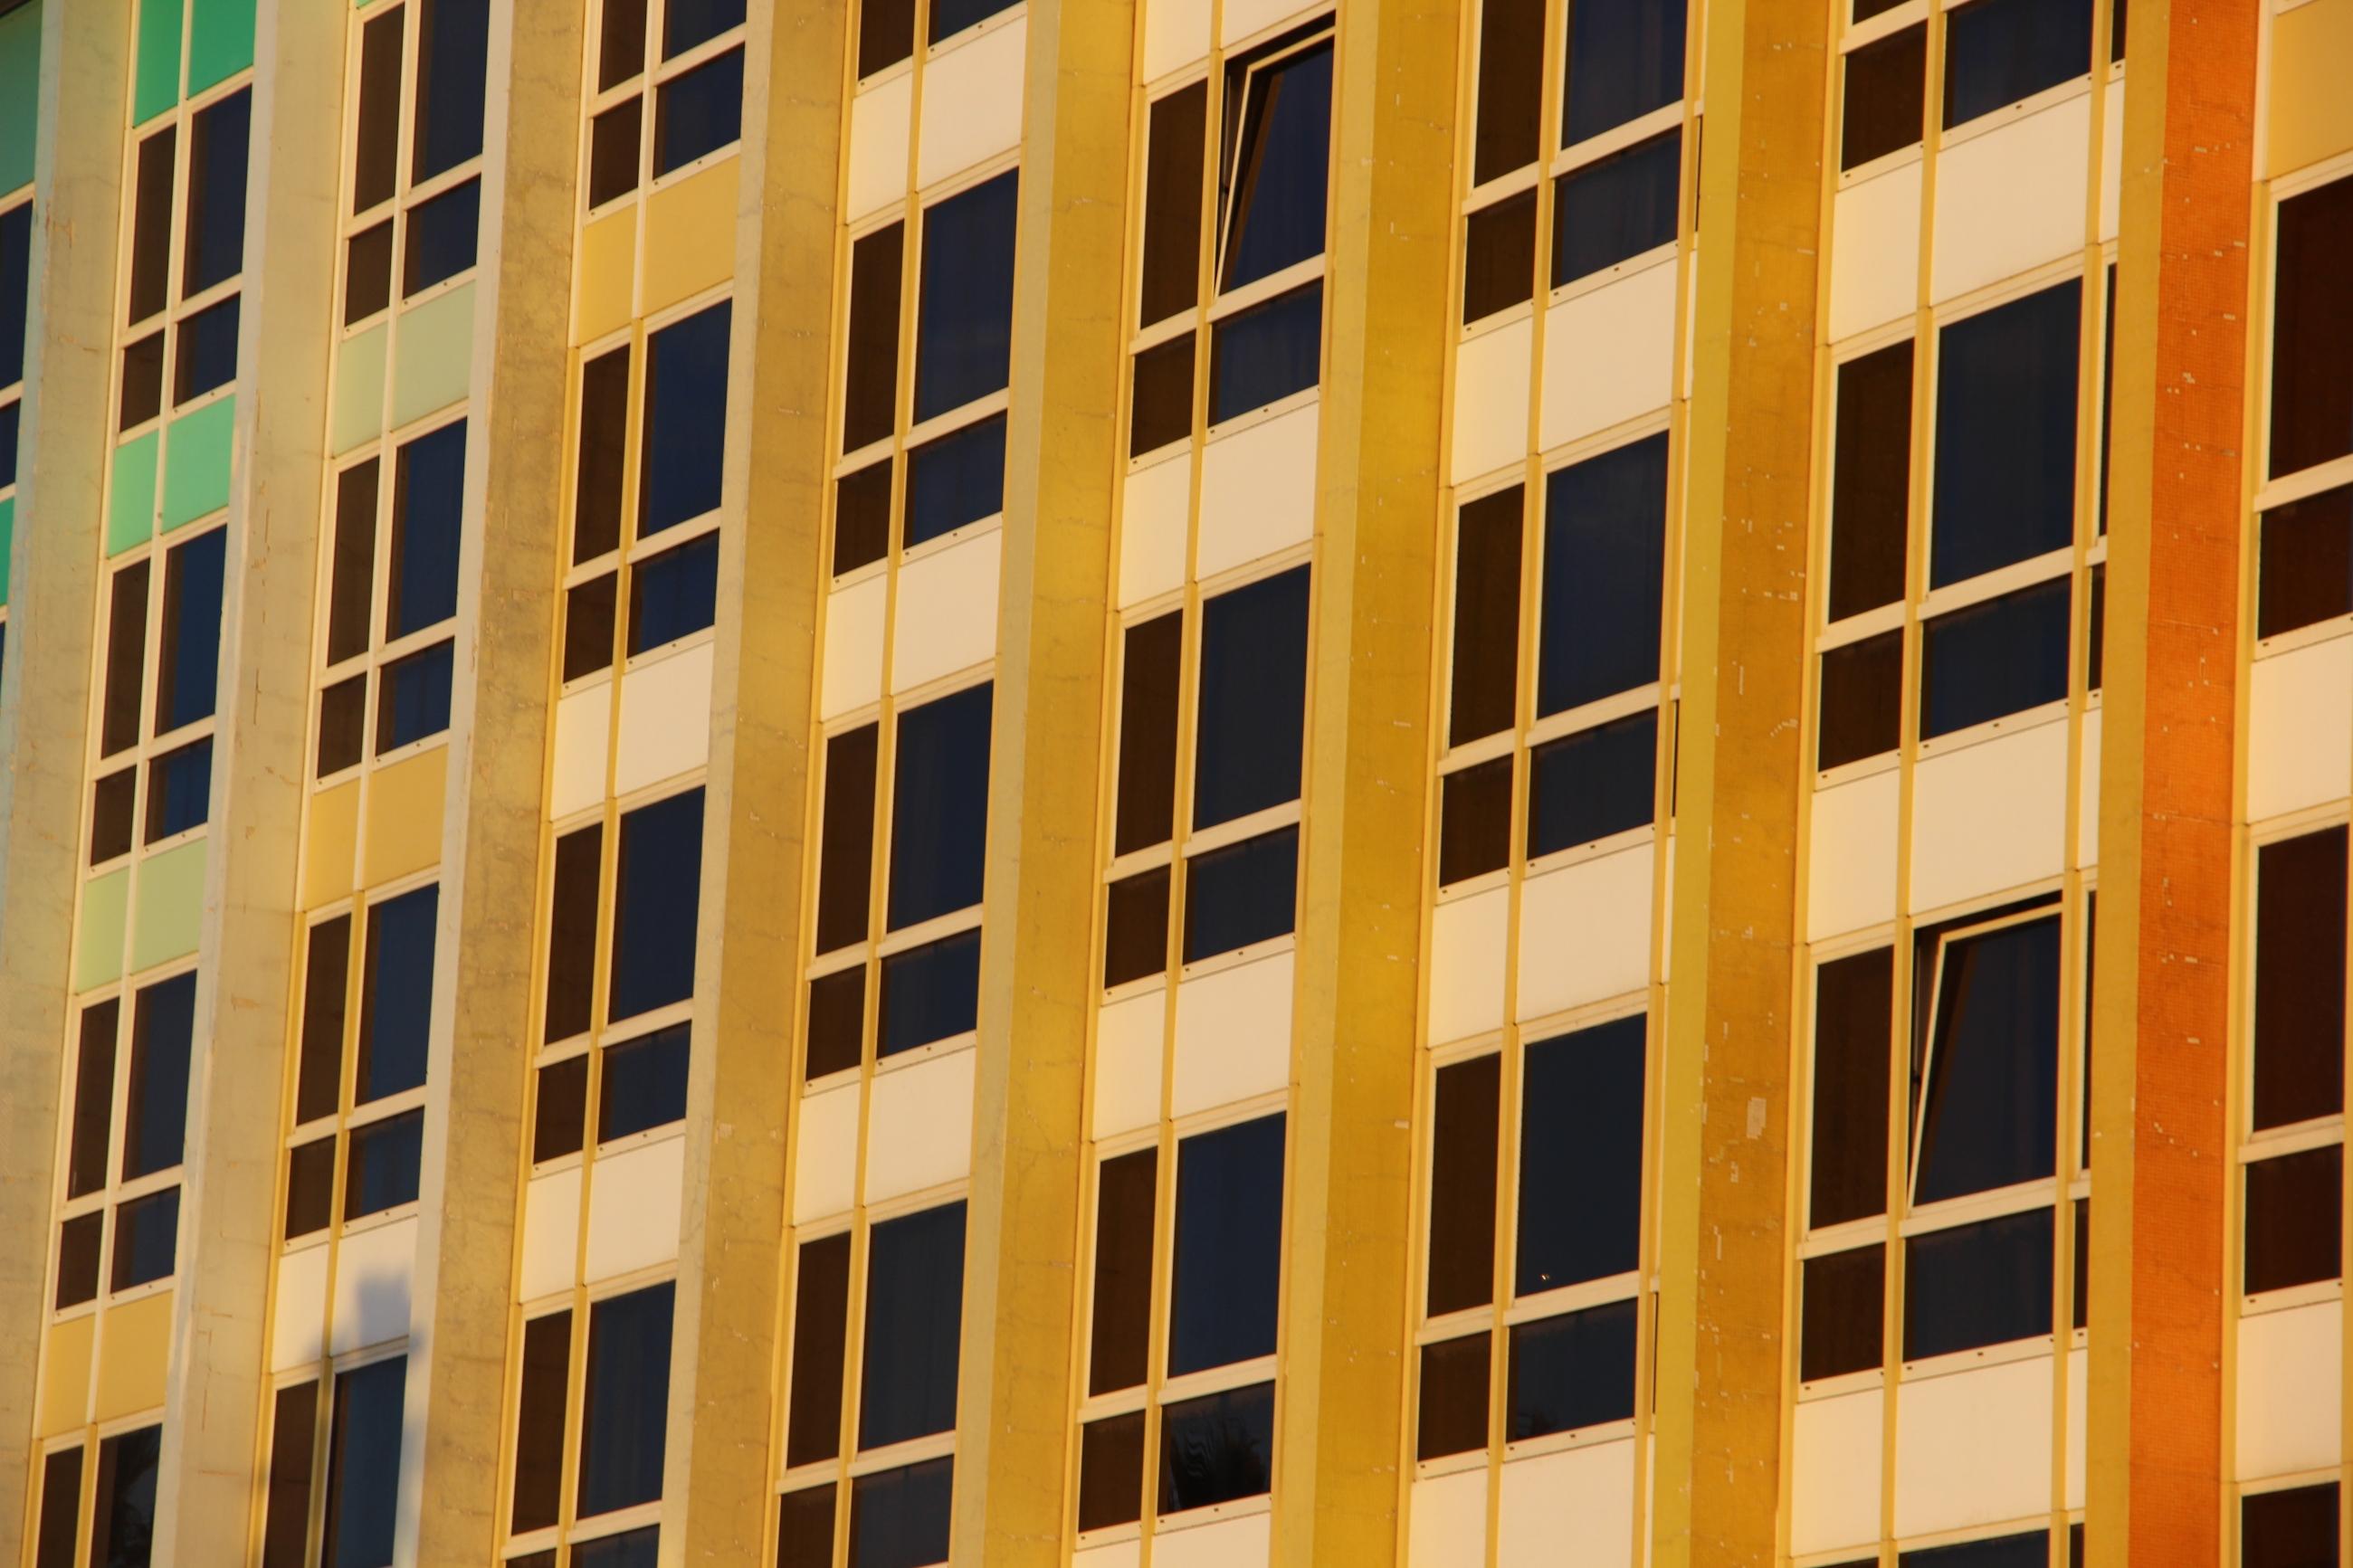 Foto: Freundliche Häuserfassade mit dunklen, streng angeordneten Fenstern